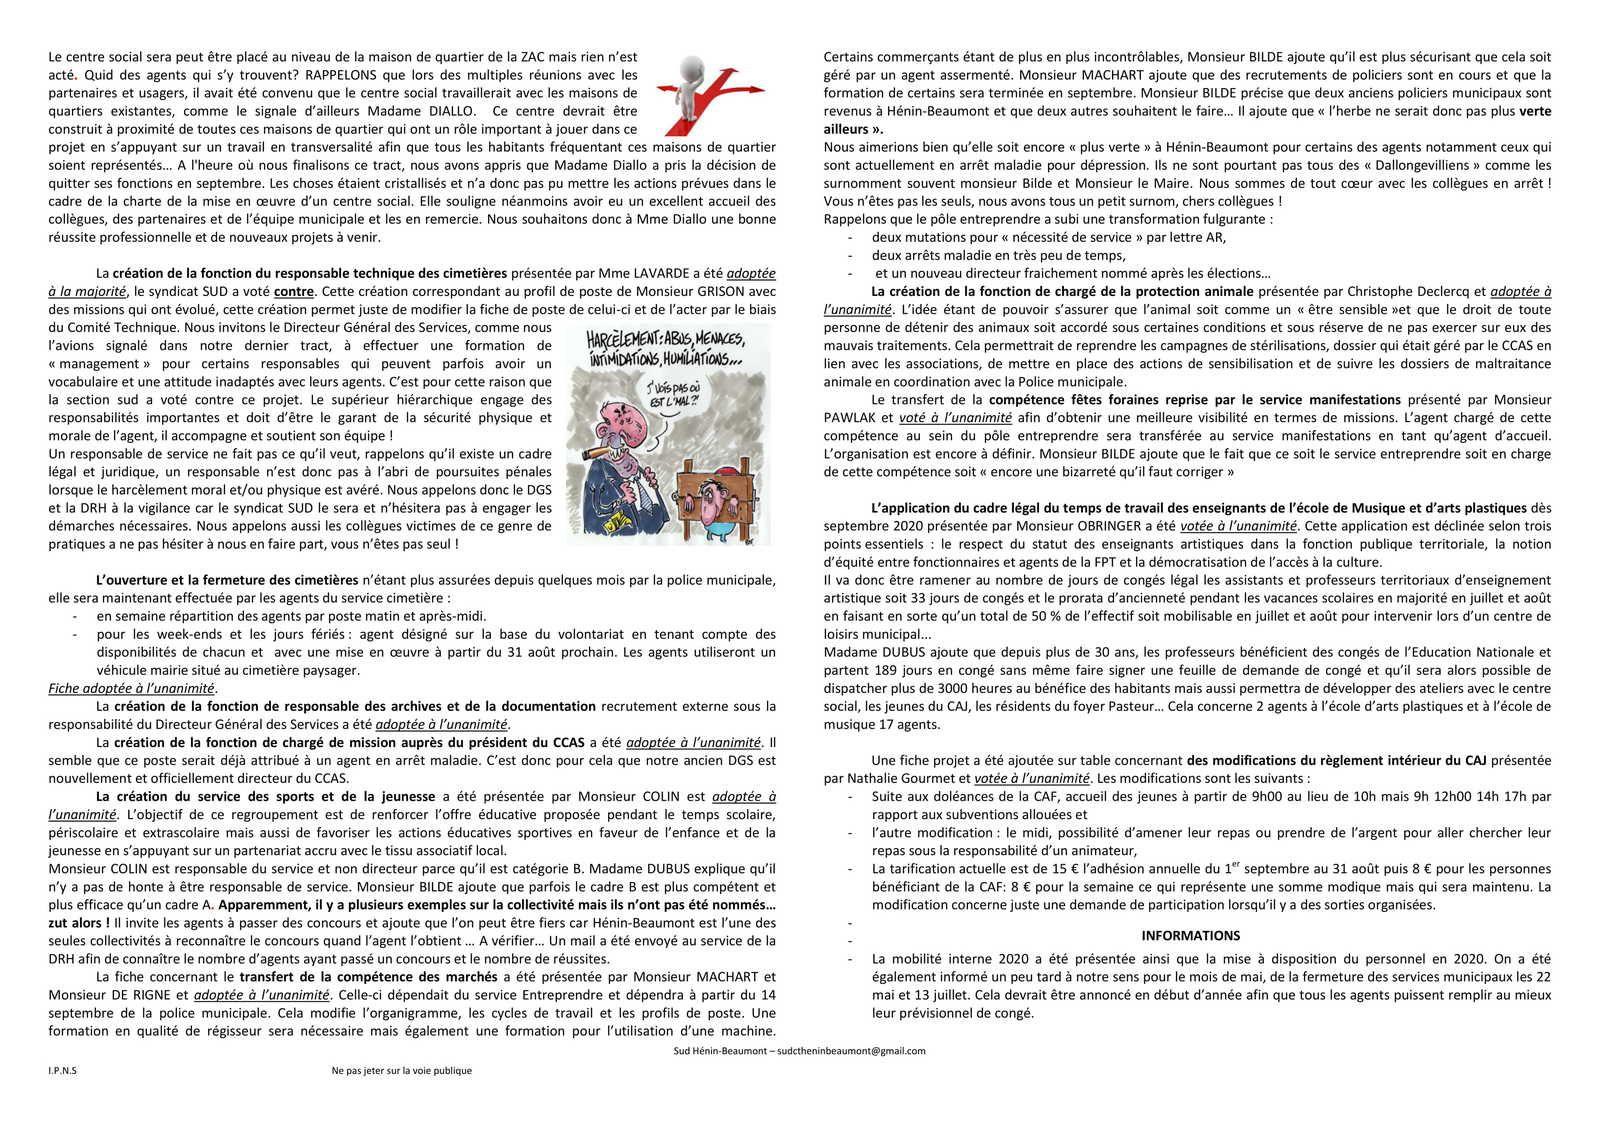 Hénin-Beaumont : le compte-rendu du Comité Technique du 2 juillet 2020 fait par SUD Collectivités Territoriales